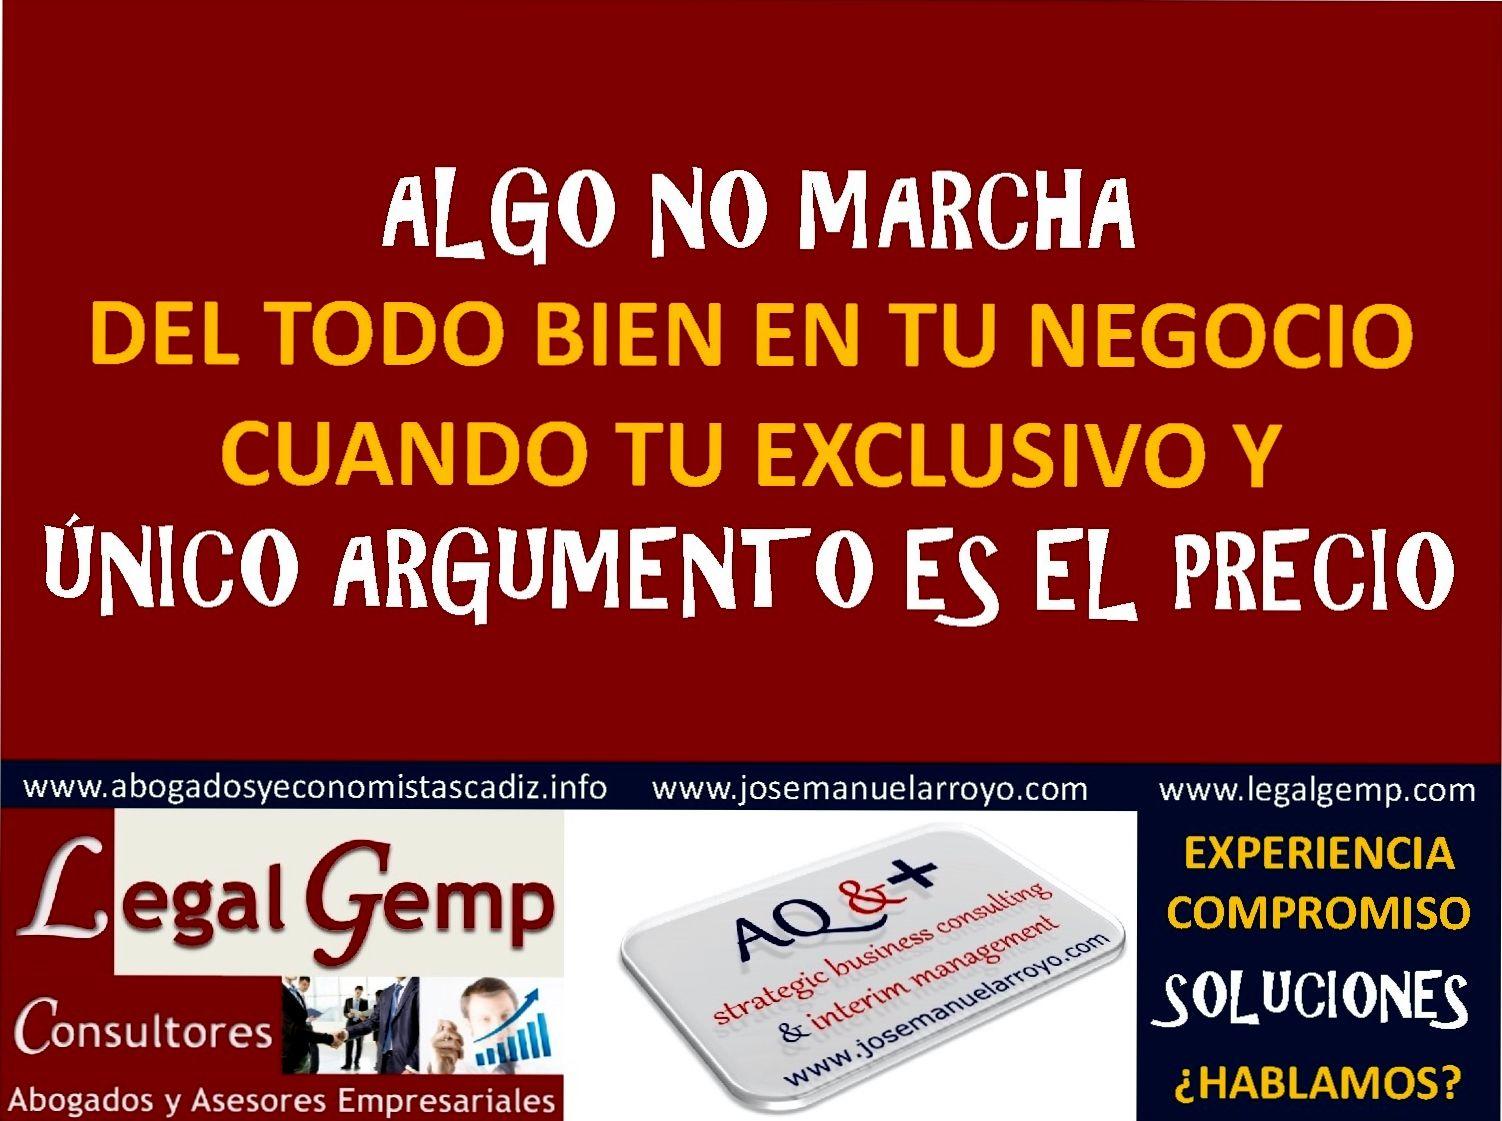 Que tu único argumento no sea el precio. www.josemanuelarroyo.com